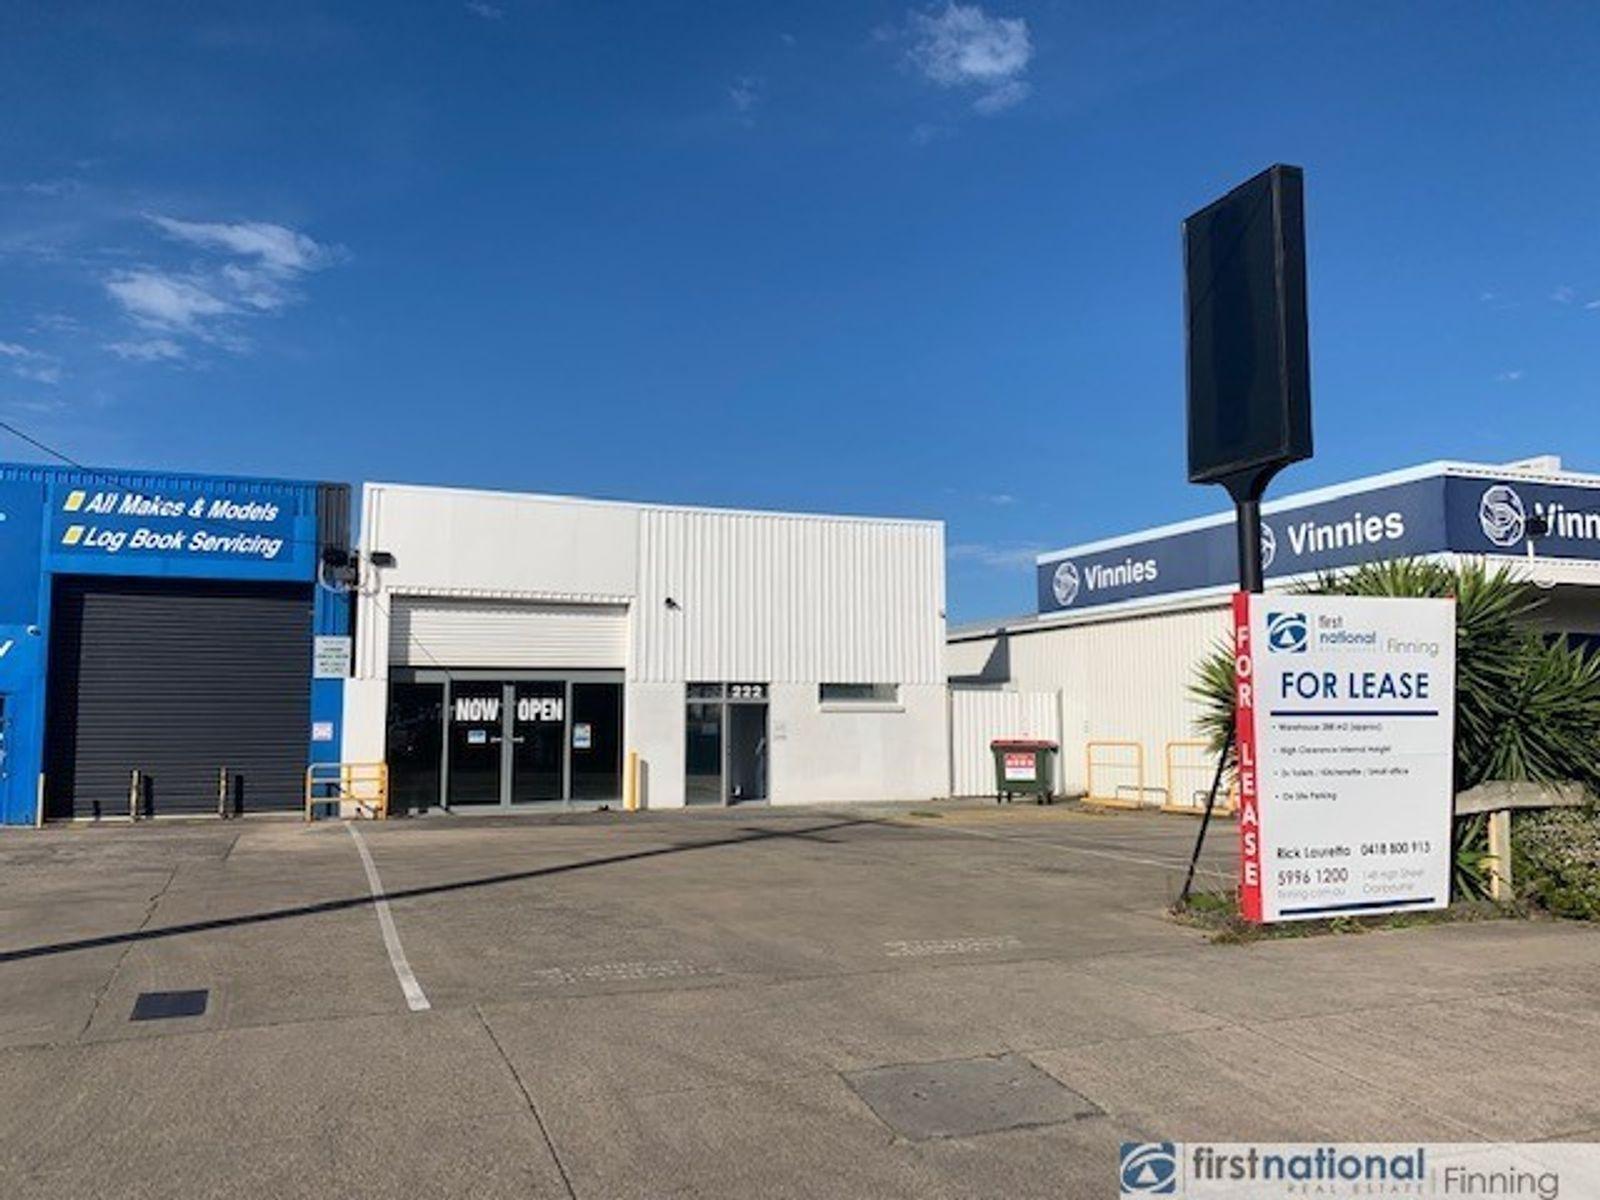 2/218-222 South Gippsland Highway, Cranbourne, VIC 3977